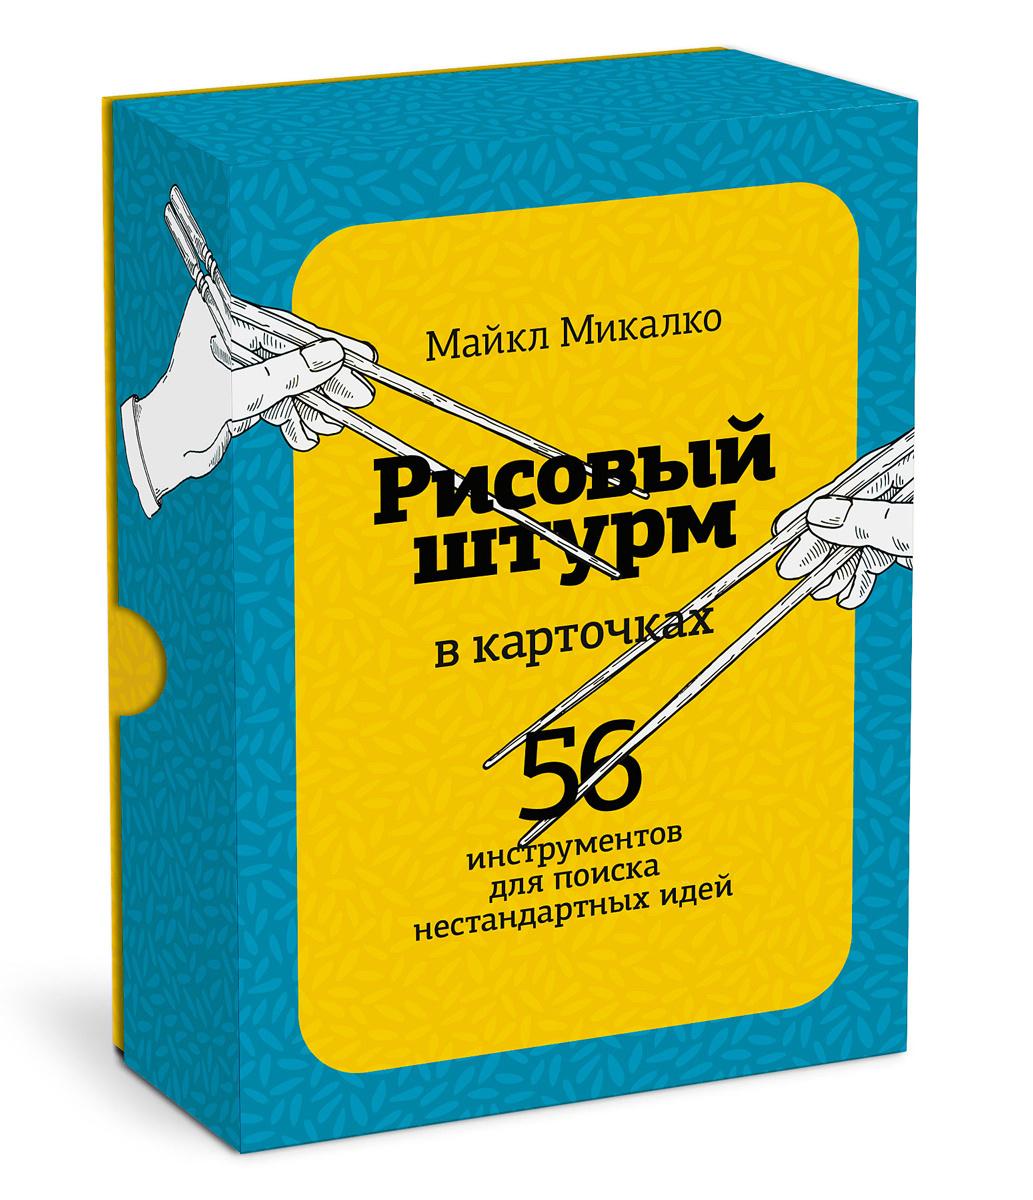 РИСОВЫЙ ШТУРМ в карточках. 56 инструментов для поиска нестандартных идей | Микалко Майкл  #1